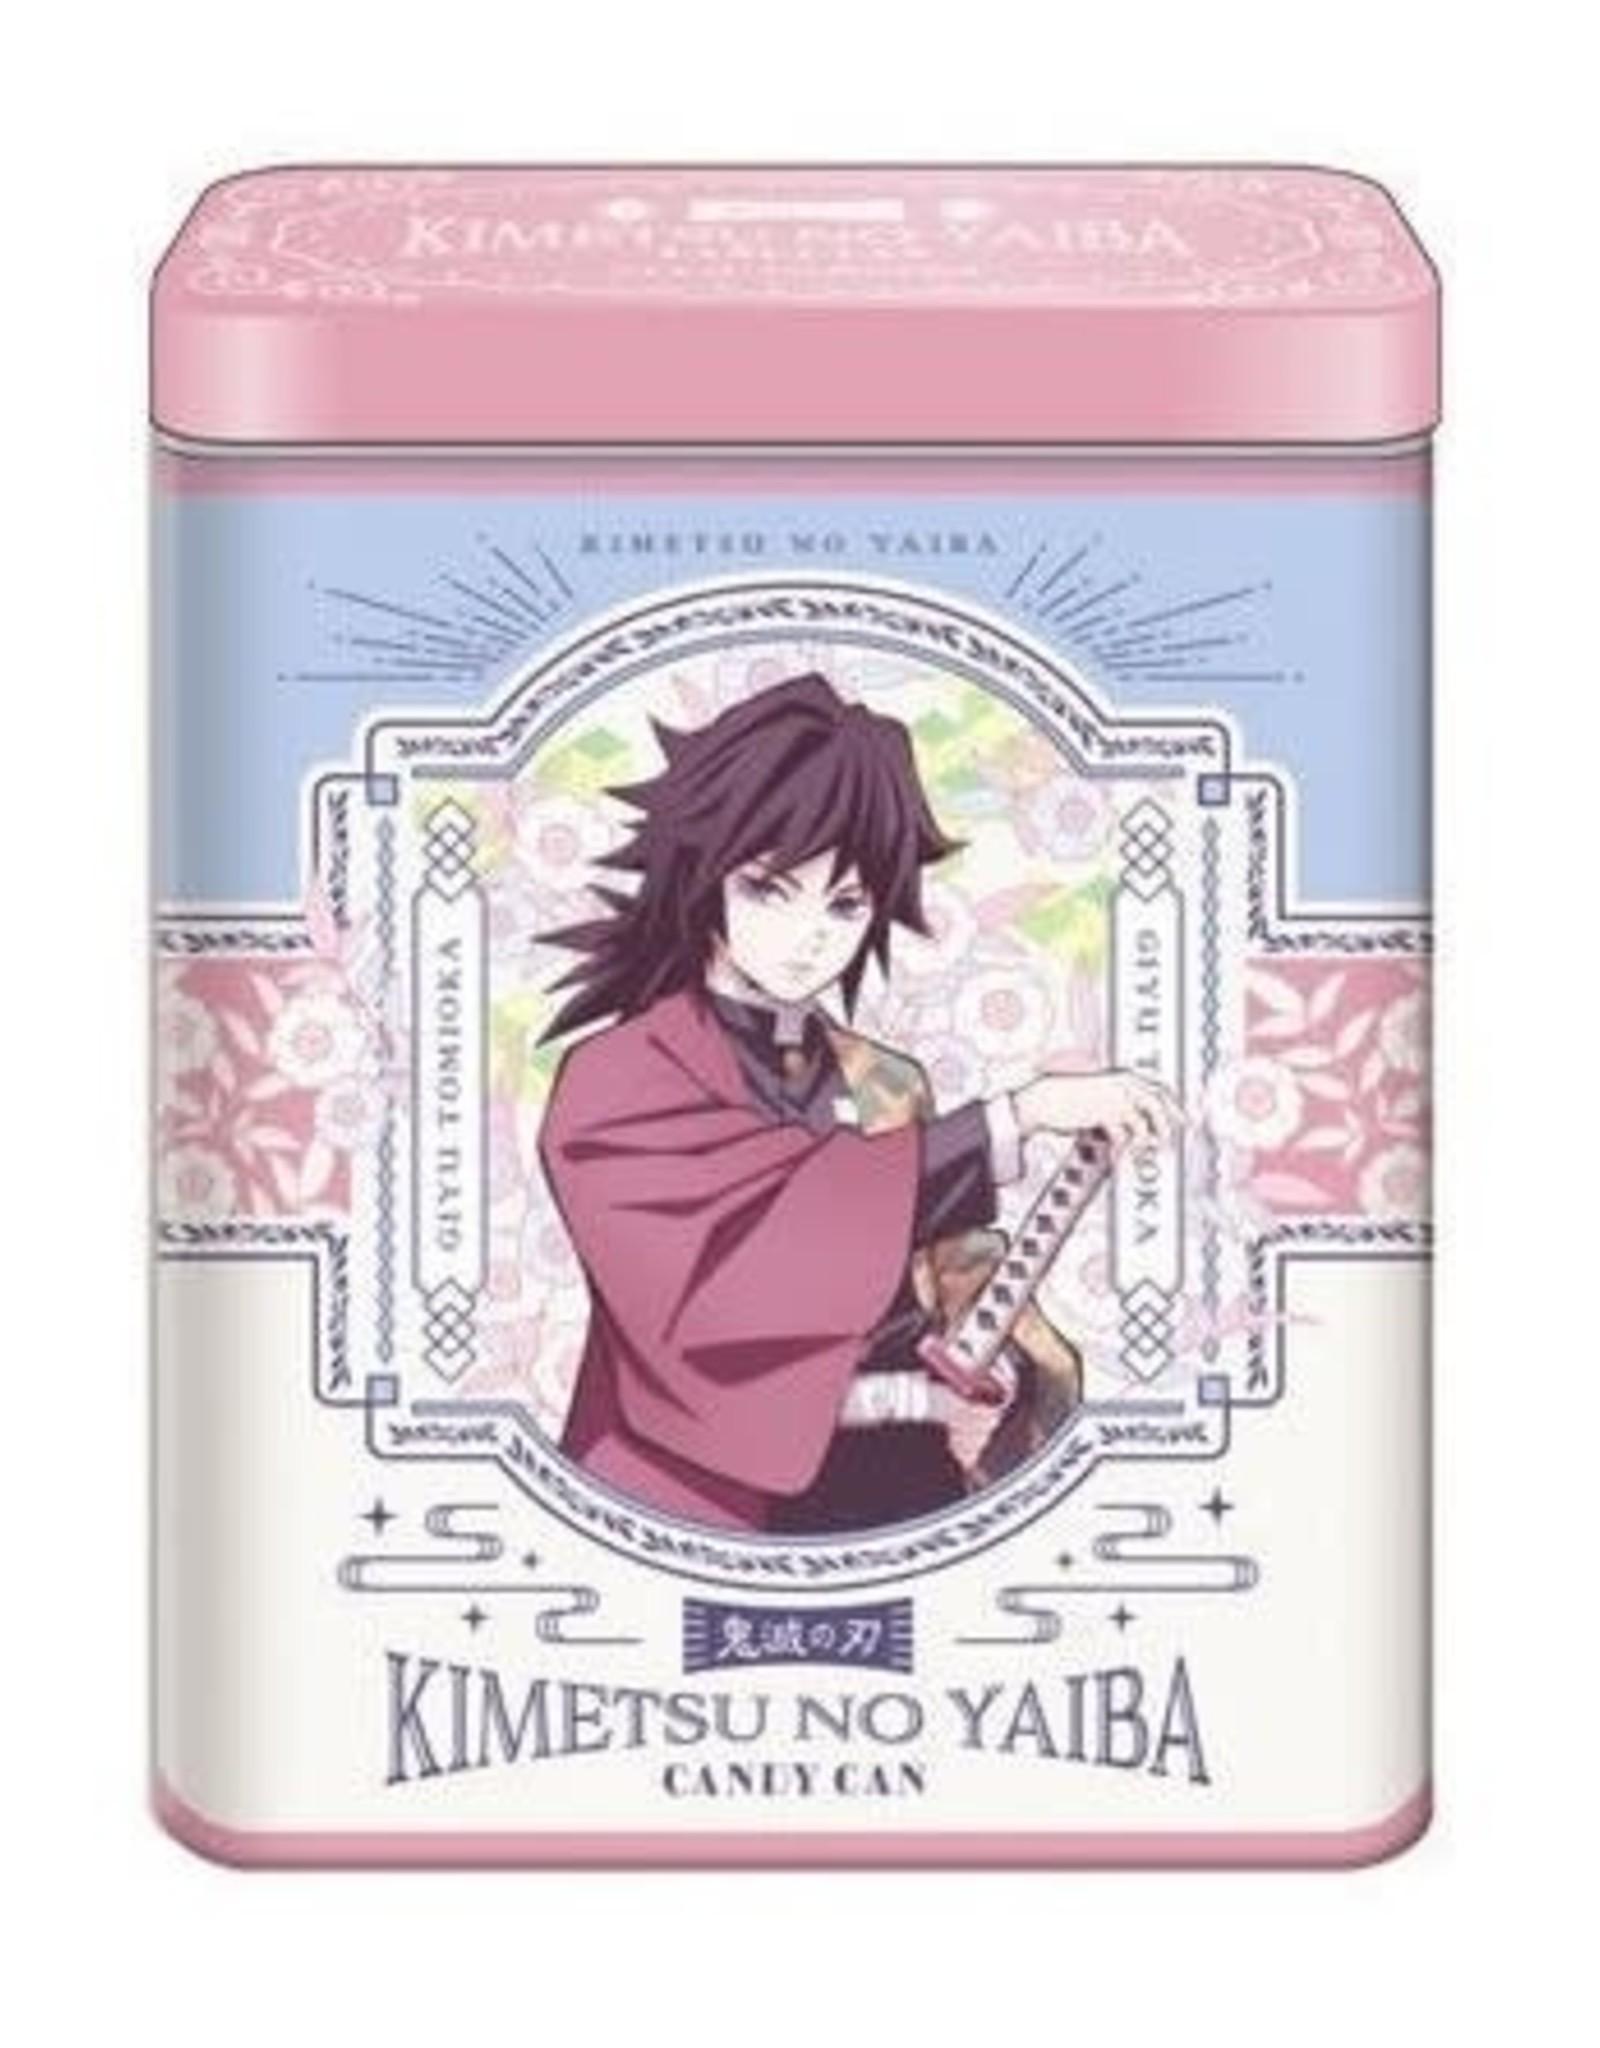 Demon Slayer: Kimetsu no Yaiba Candy Collection #3 - Giyu Tomioka